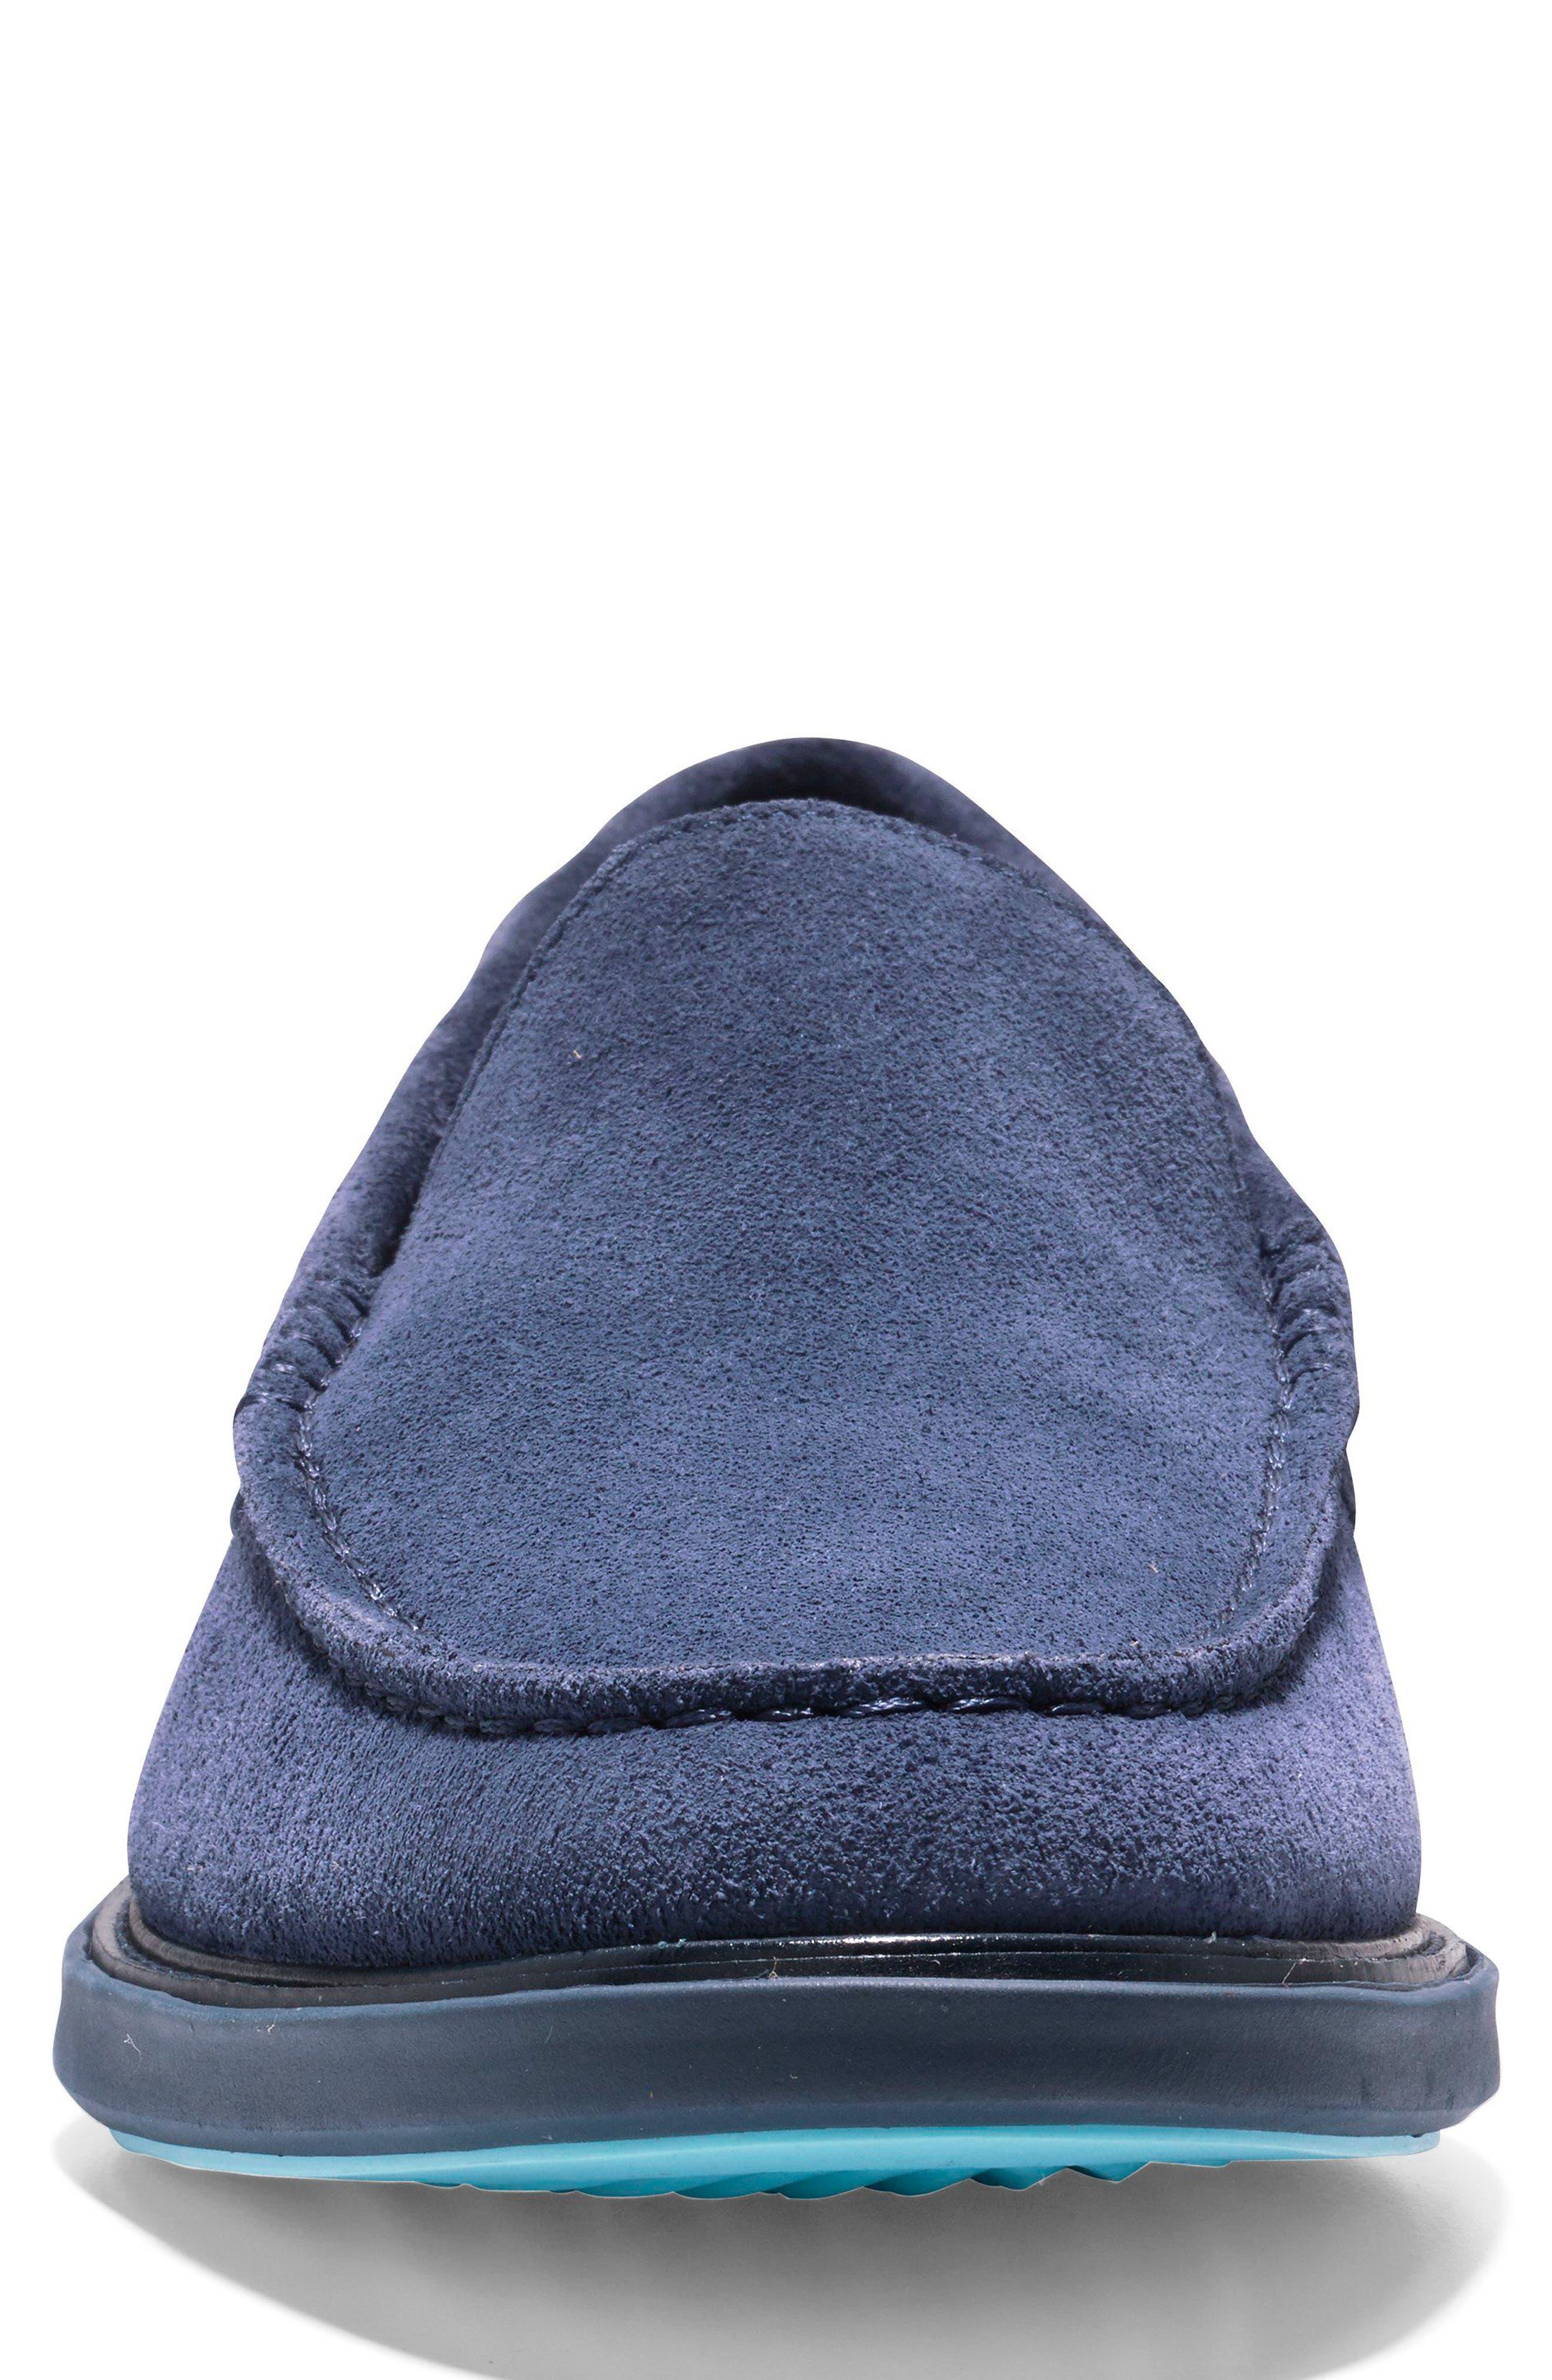 GrandEvølution Venetian Loafer,                             Alternate thumbnail 4, color,                             Marine Blue Suede